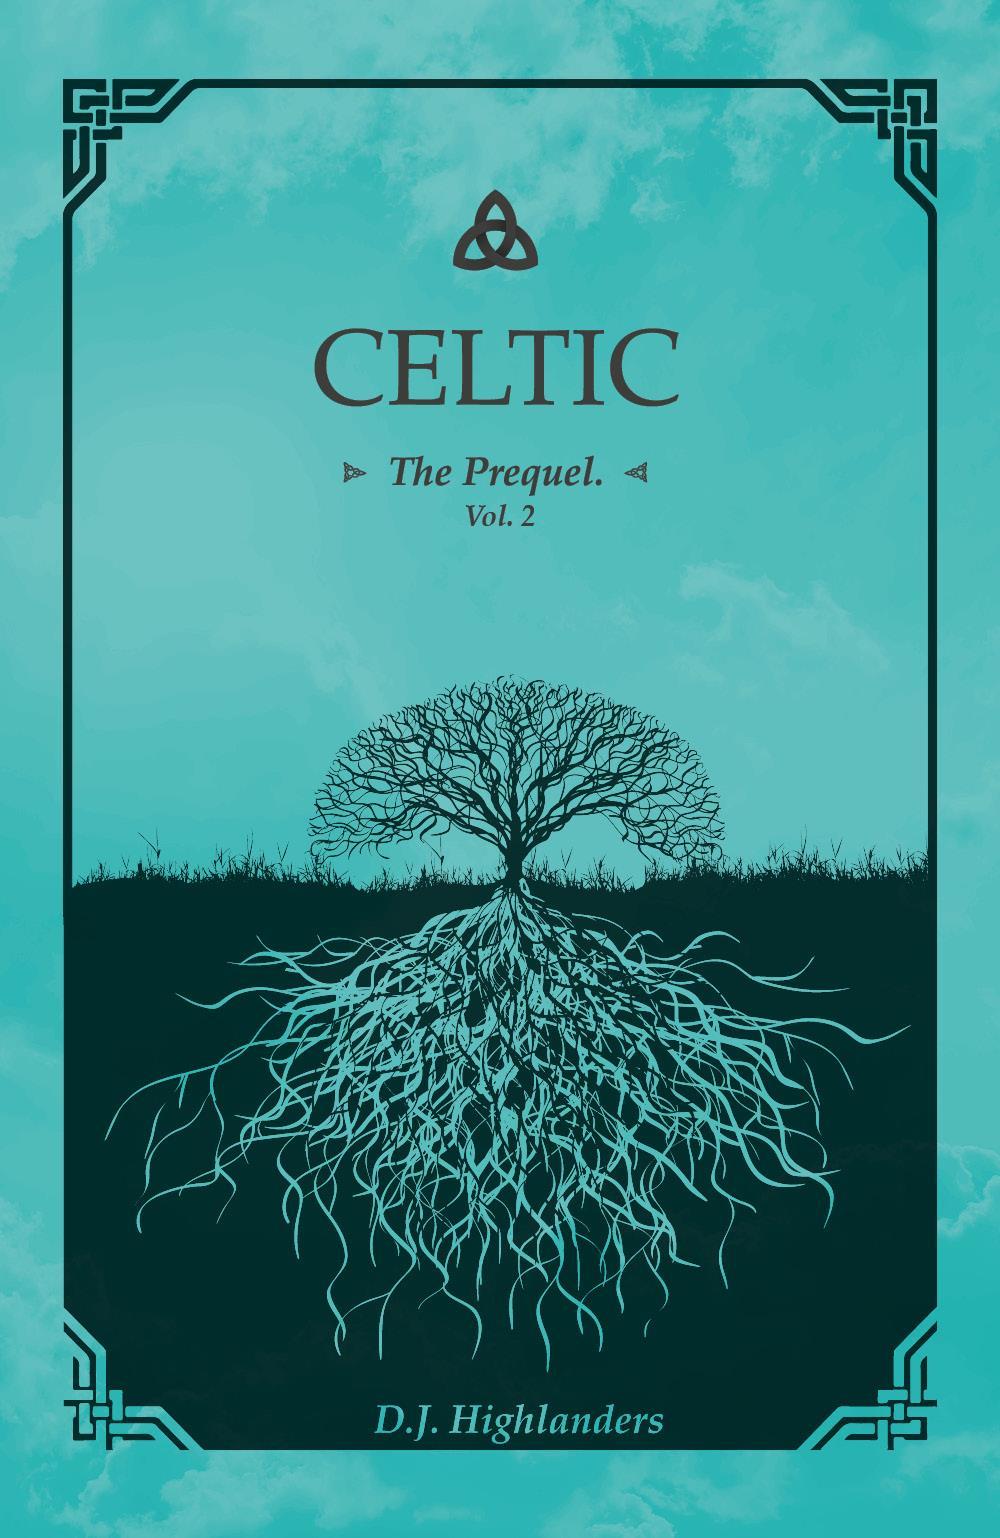 Celtic - the prequel Vol.2